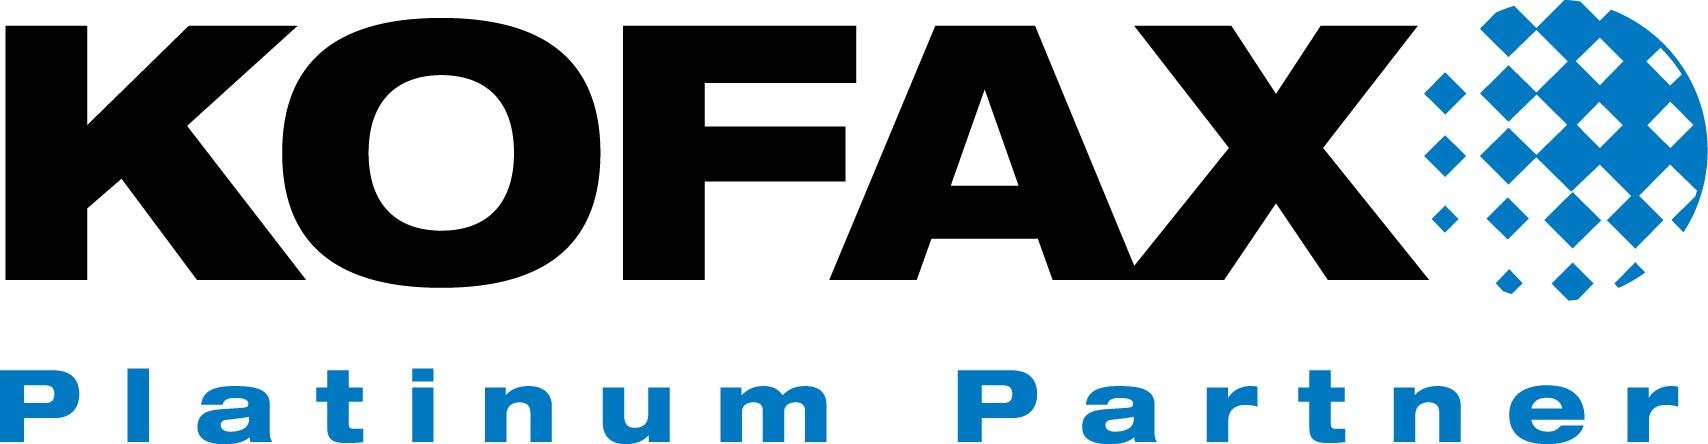 Kofax Partner Logo Platinum - Color (.jpg format)